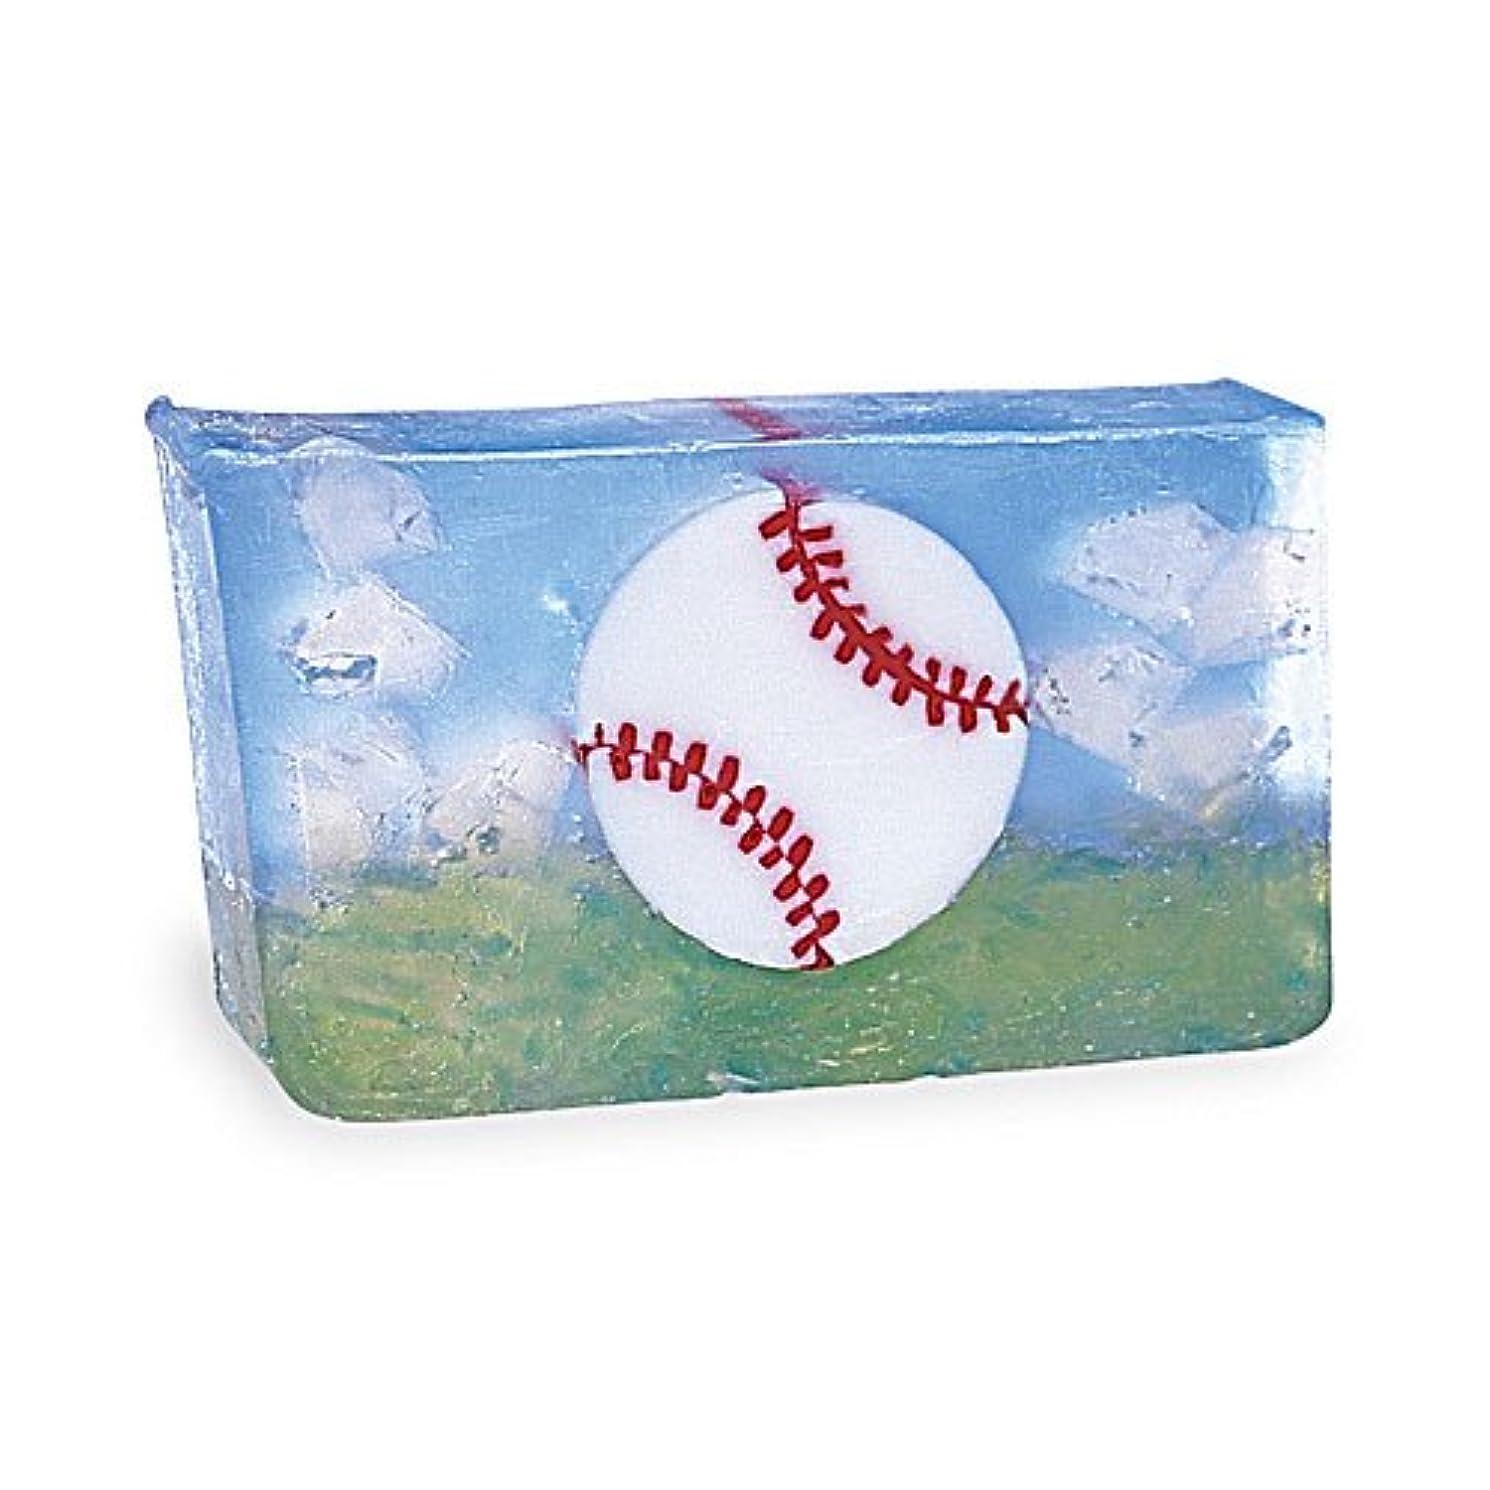 先生マージン散逸プライモールエレメンツ アロマティック ソープ ベースボール 180g 植物性 ナチュラル 石鹸 無添加